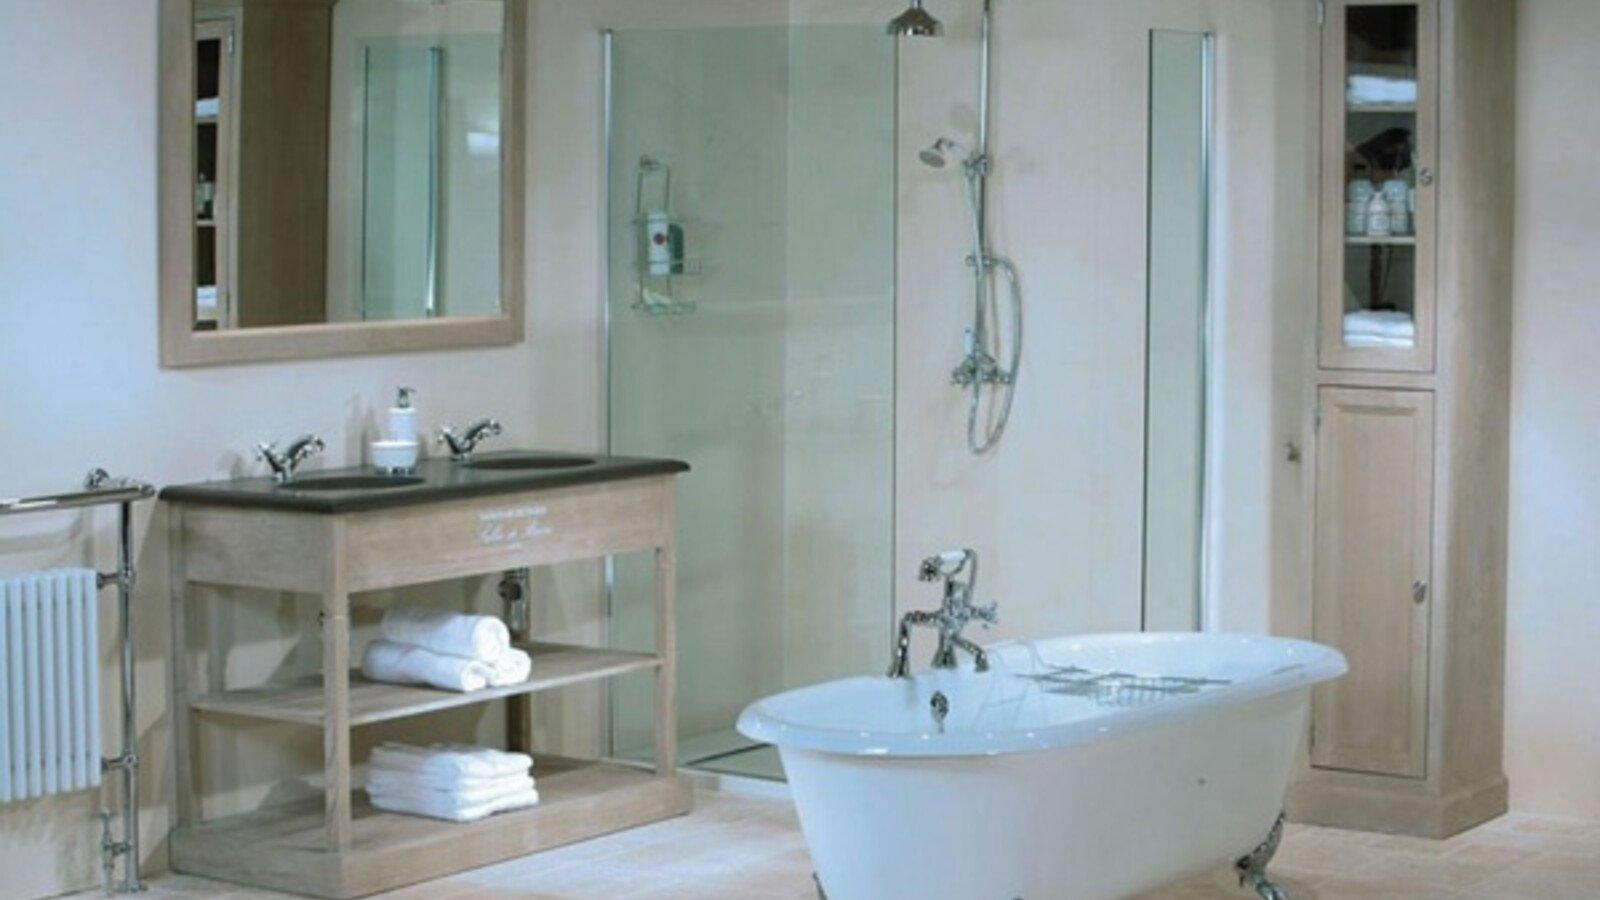 Glasvlies Behang Badkamer : Zelfbouwmarkt design badkamers modern klassiek retro vintage